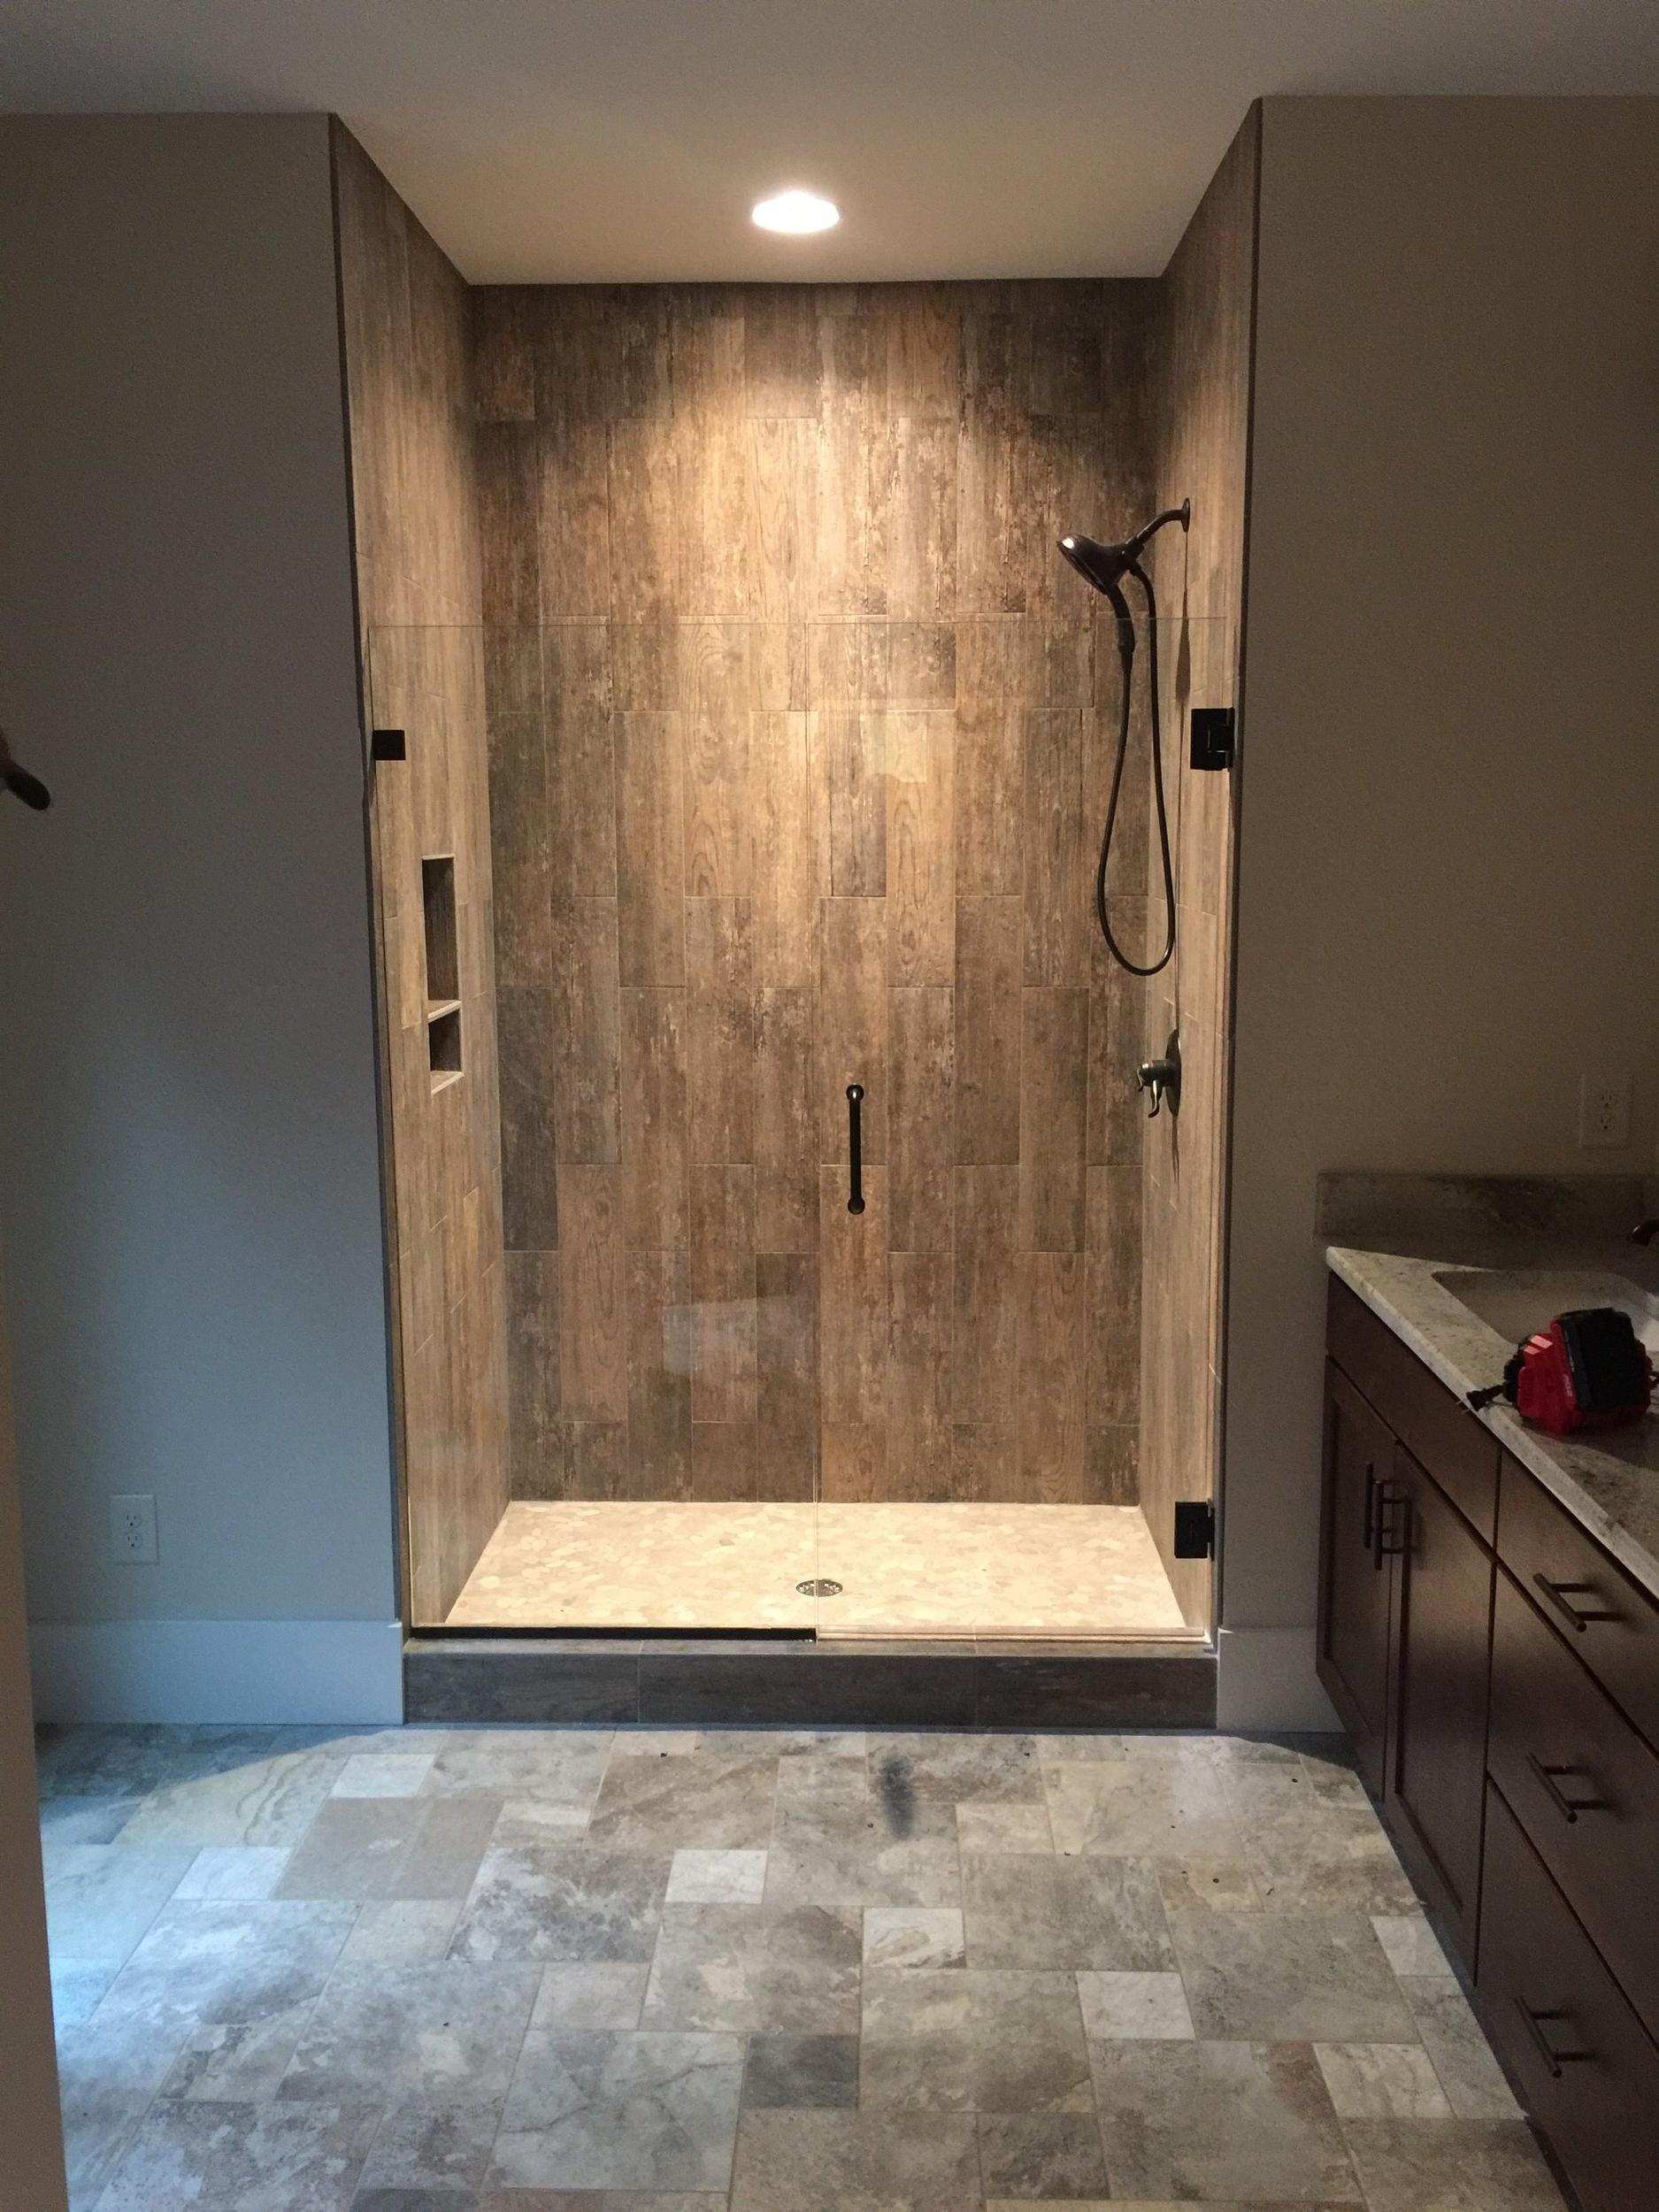 Chase_shower_door_photos-26.jpg